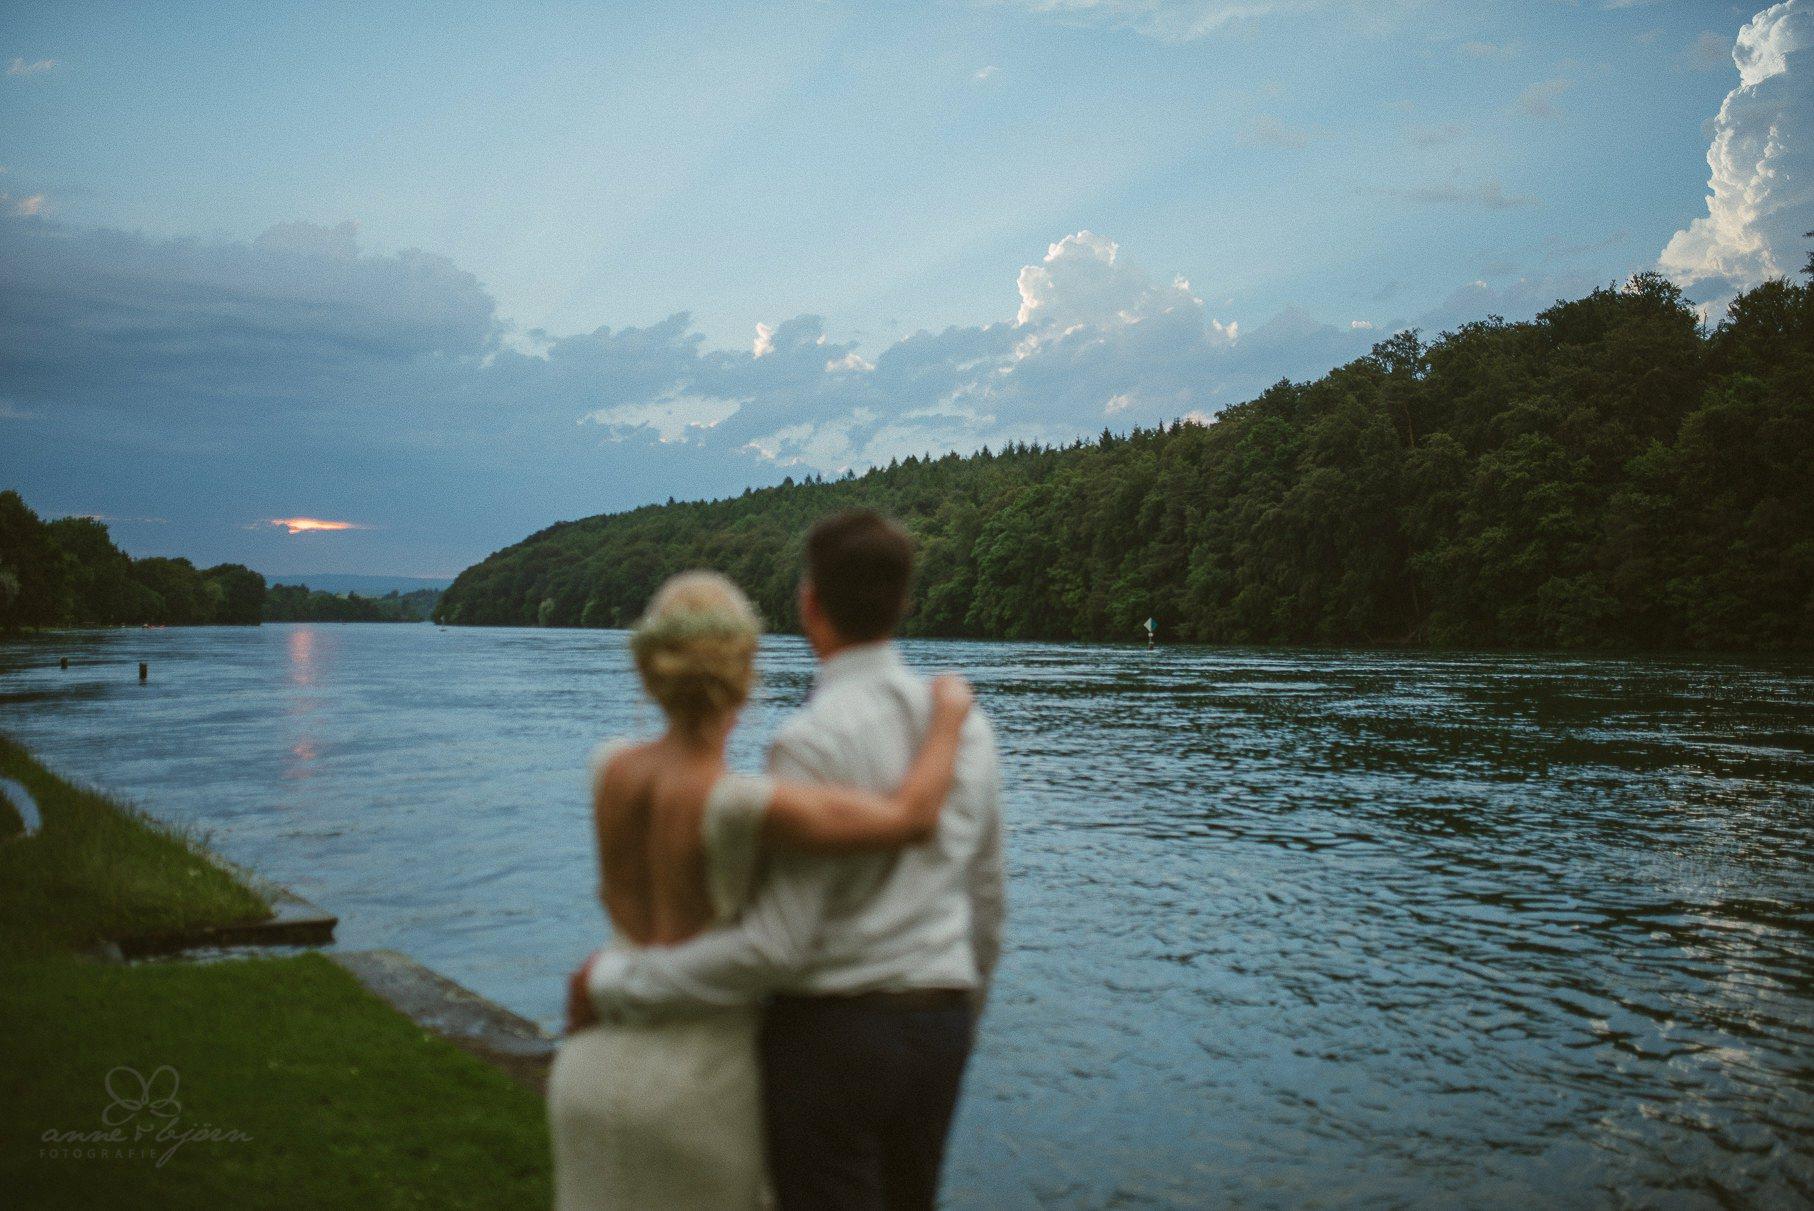 0124 anne und bjoern hochzeit schweiz d75 2024 - DIY Hochzeit in der Schweiz - Sabrina & Christoph